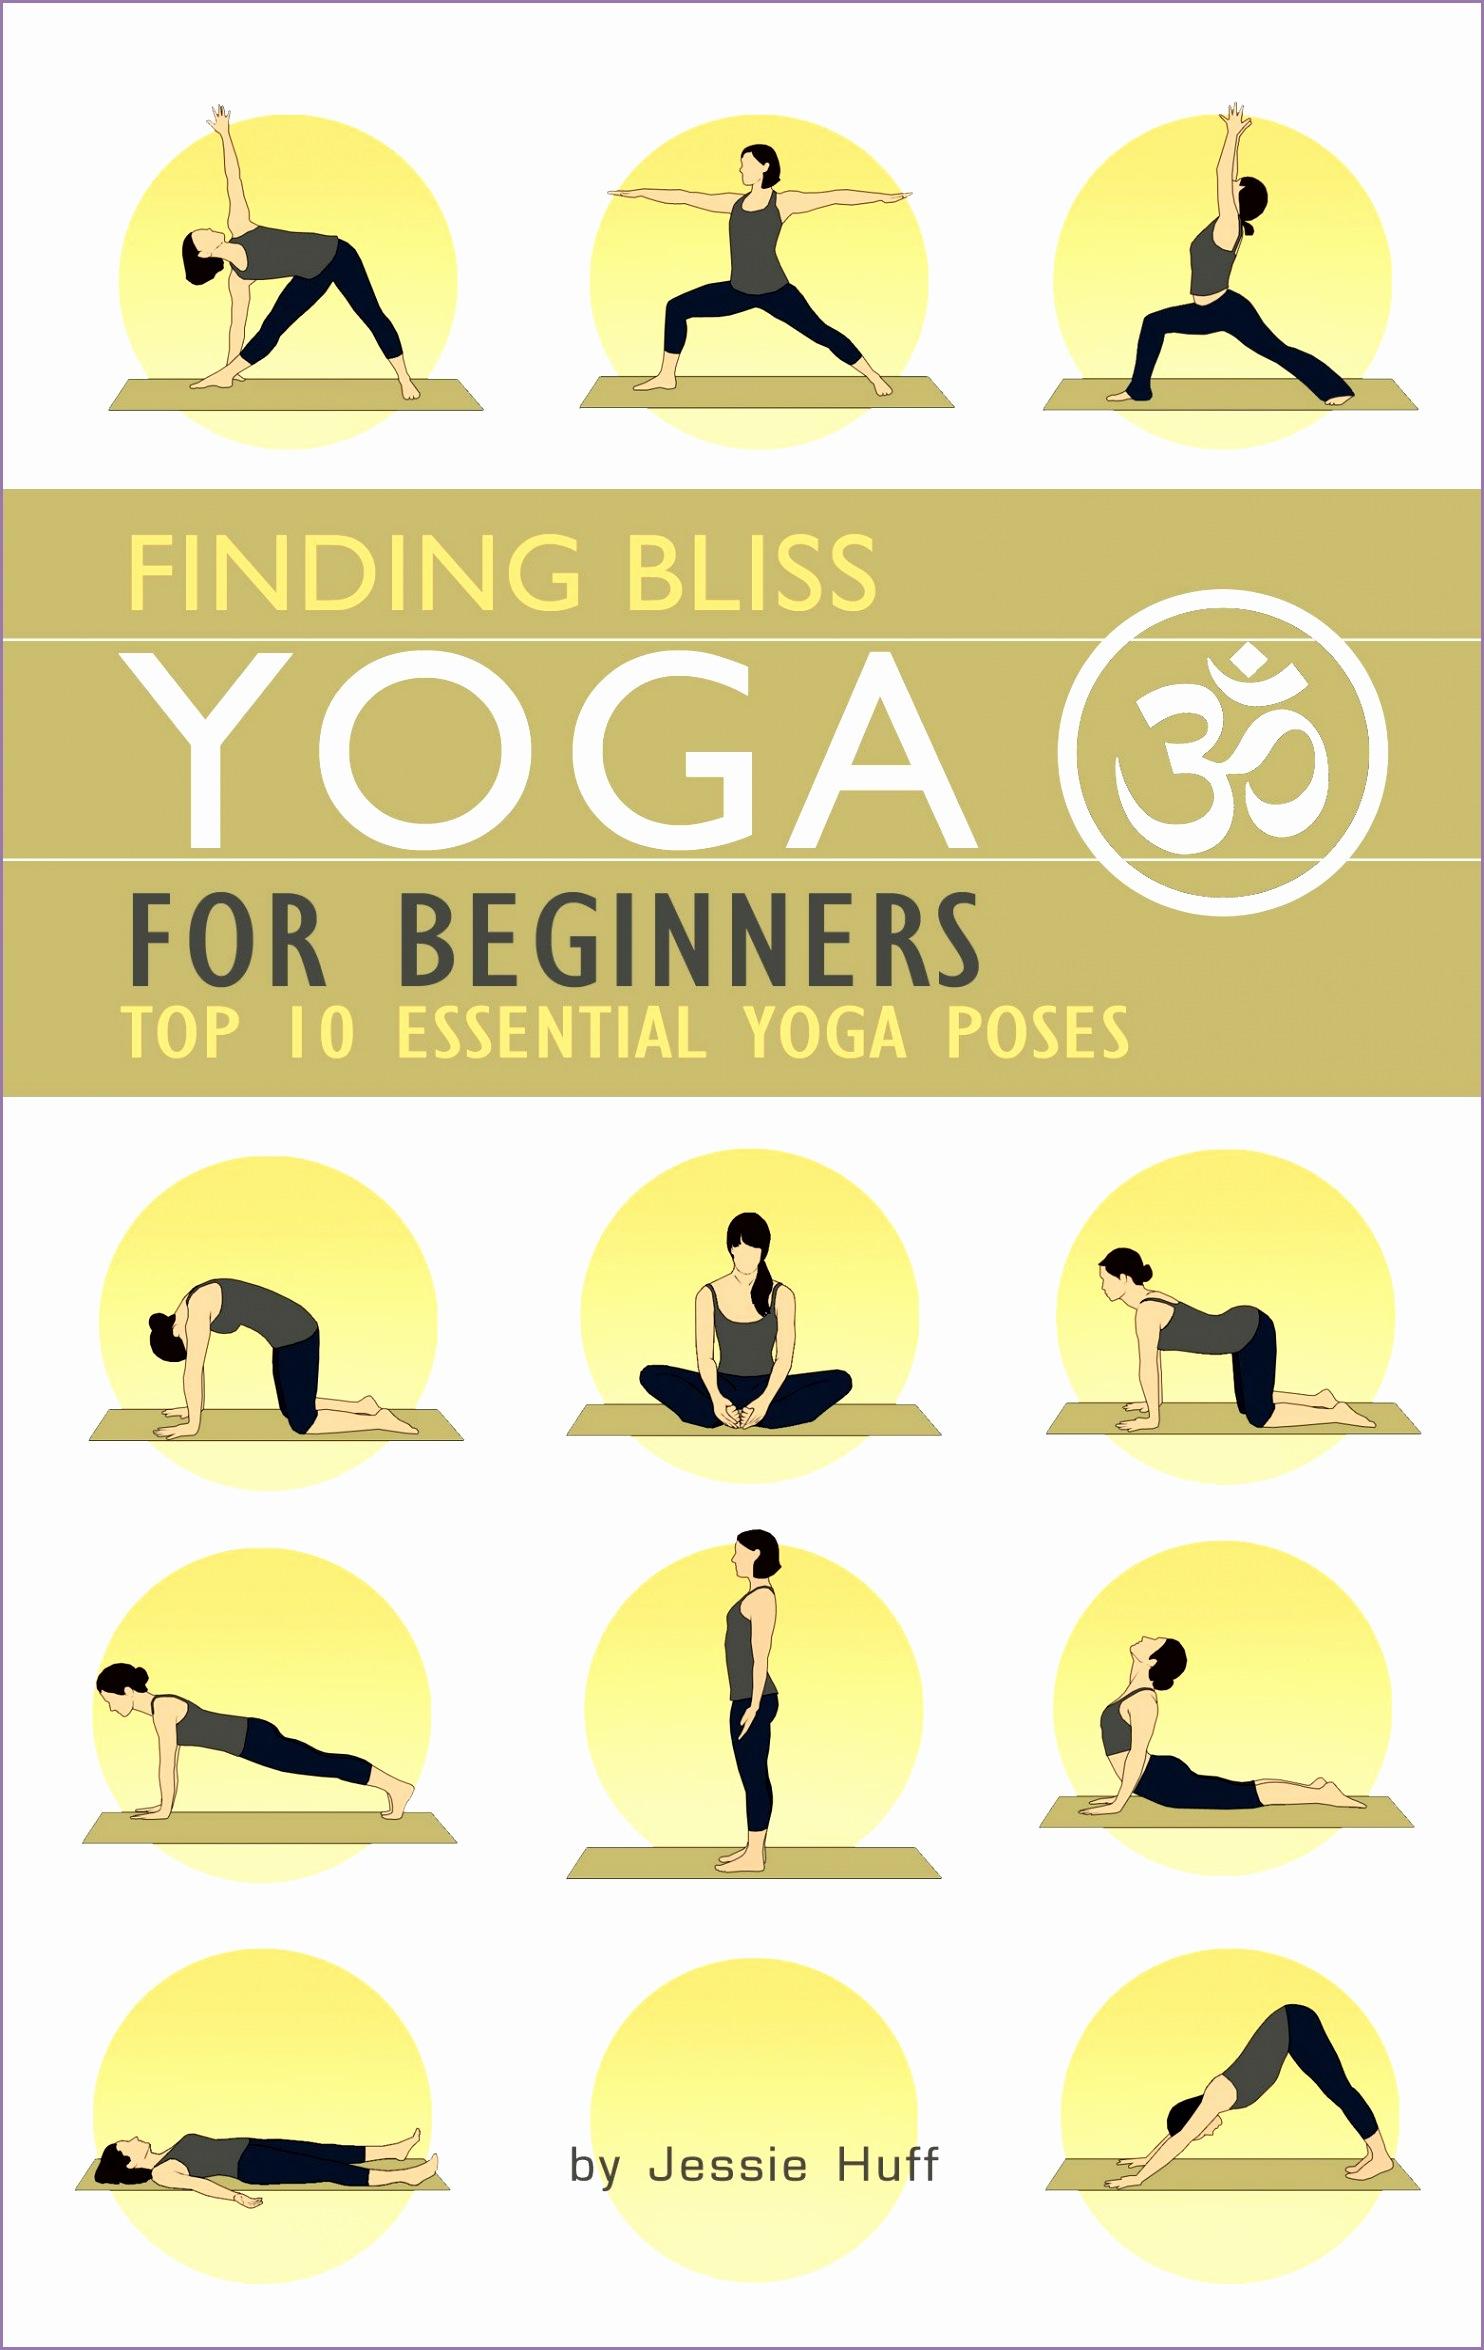 10 basic yoga poses